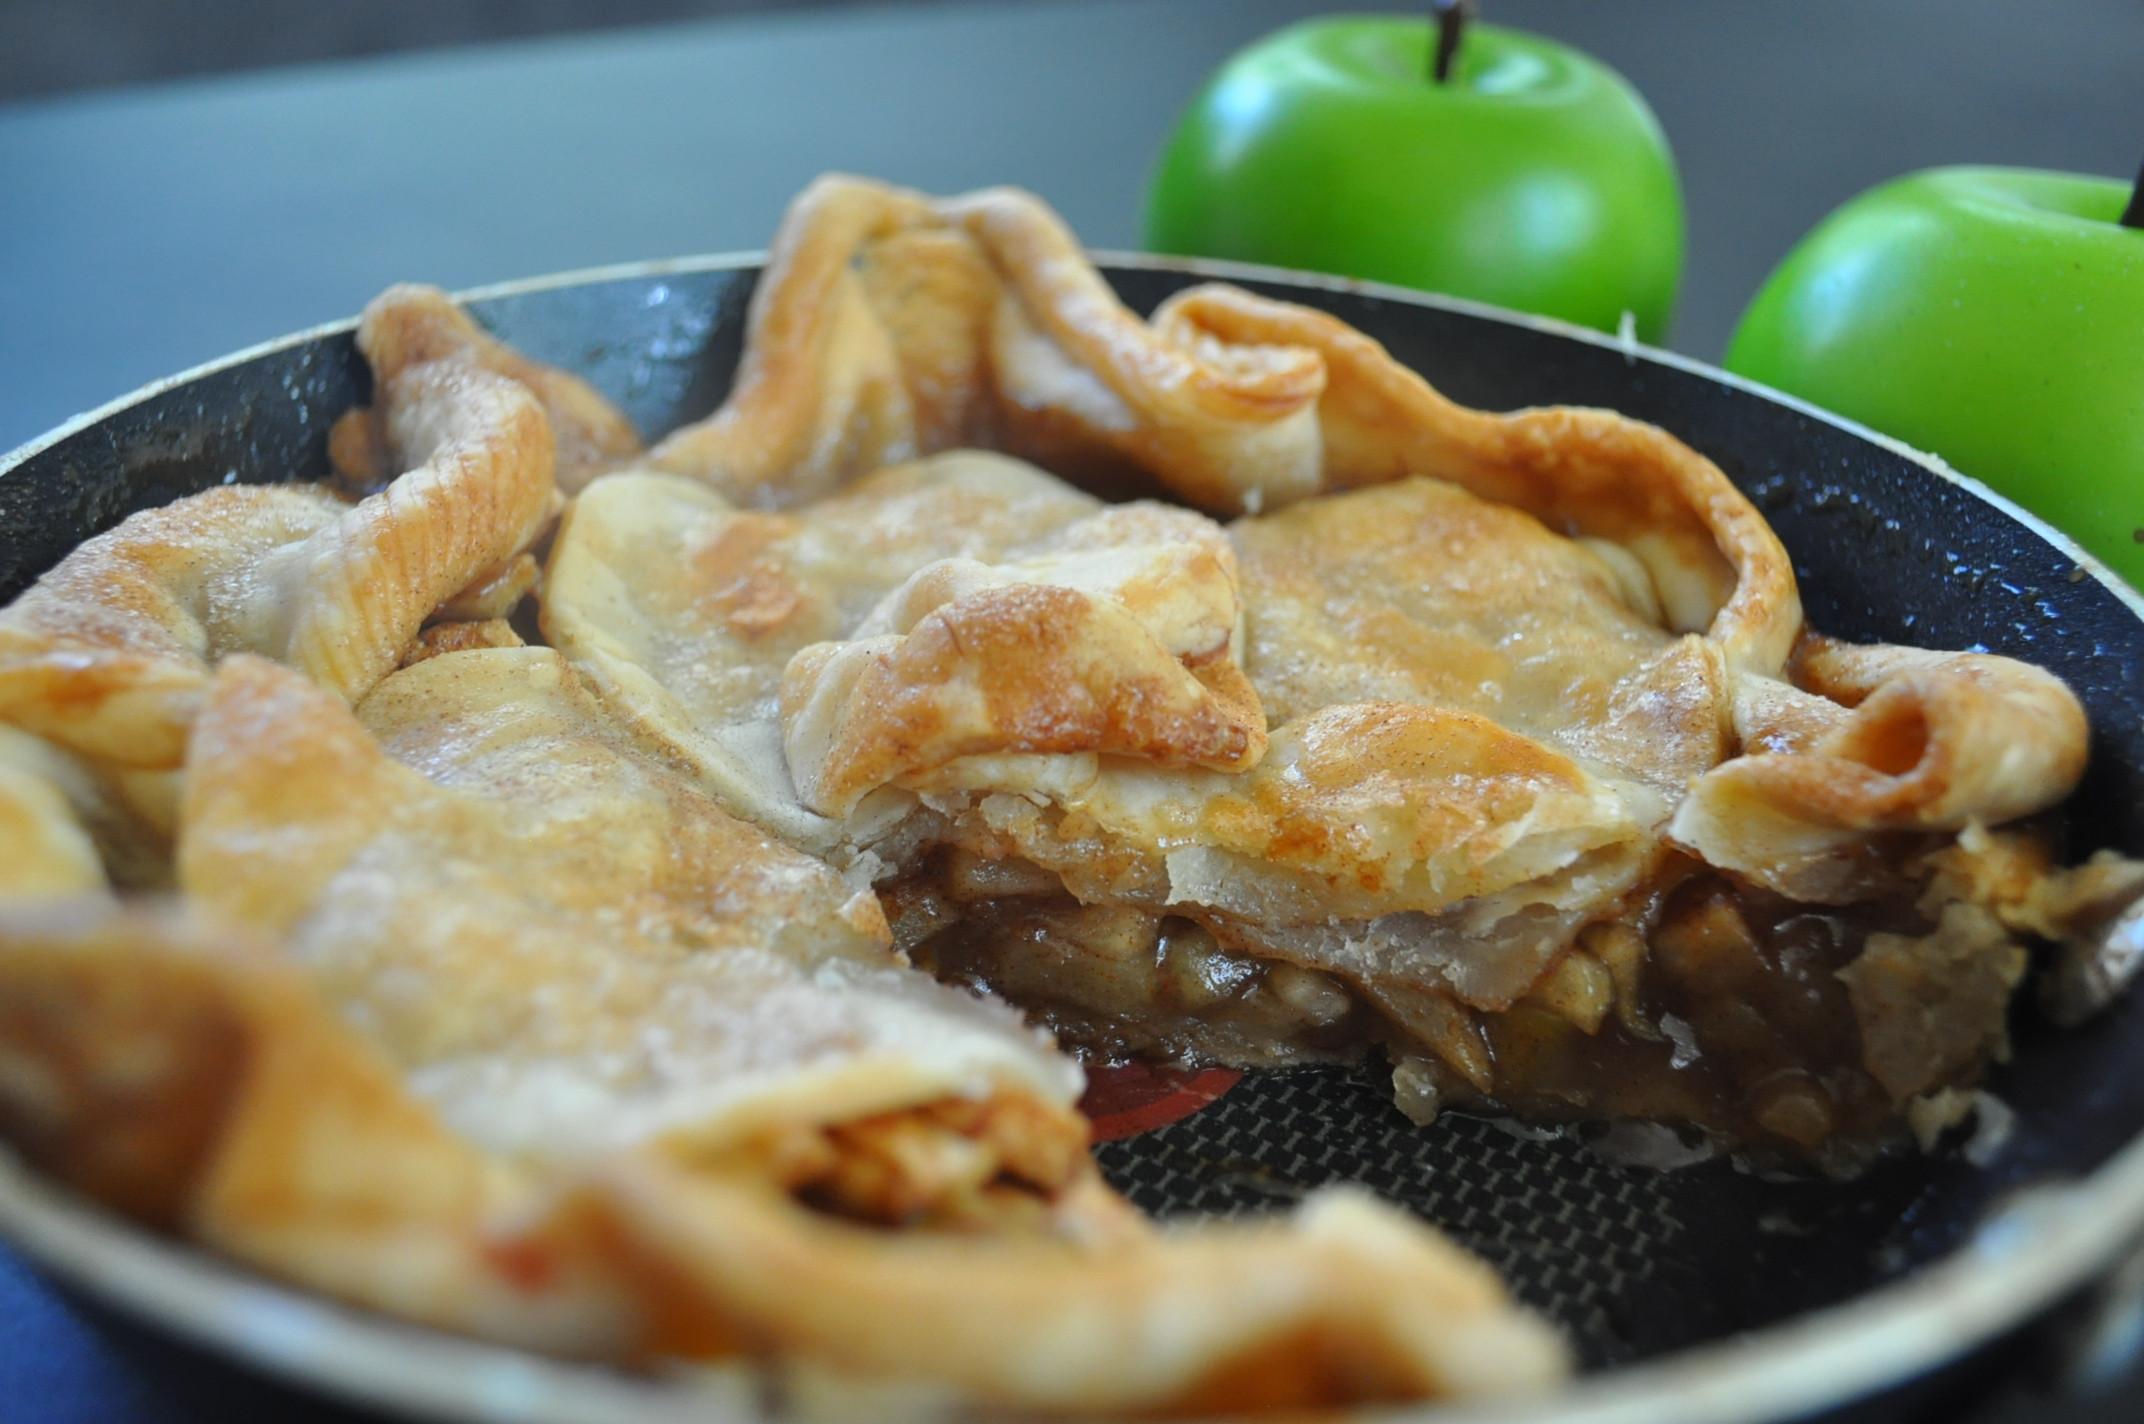 Trisha Yearwood Skillet Apple Pie  Skillet Apple Pie A Recipe from Trisha Yearwood